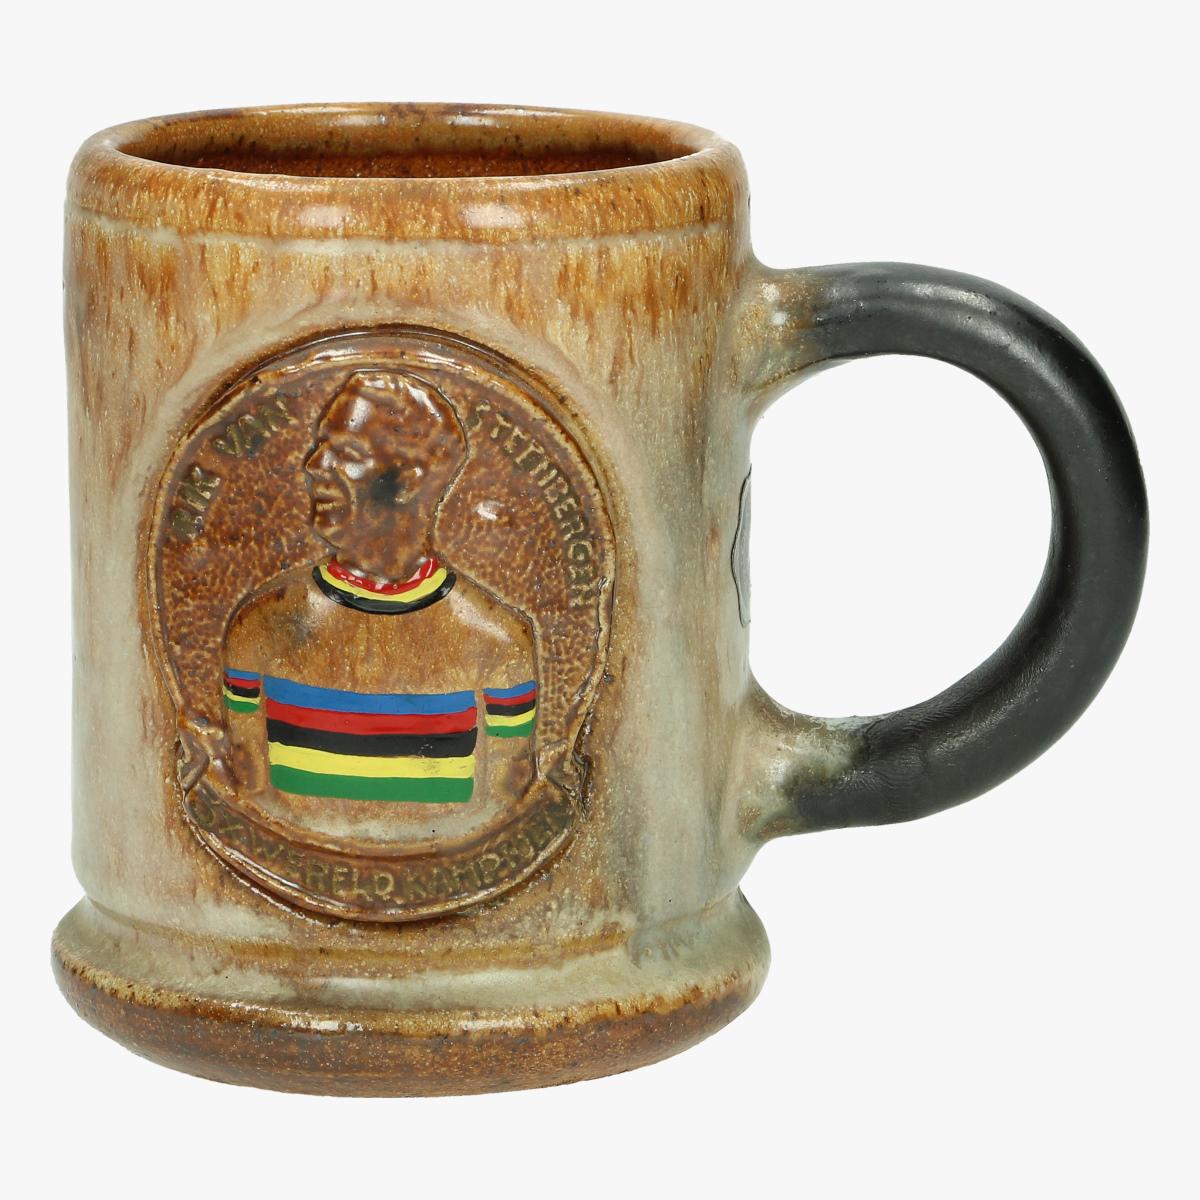 Afbeeldingen van keramieke mok Rik Van Steenbergen 3xwereldkampioen